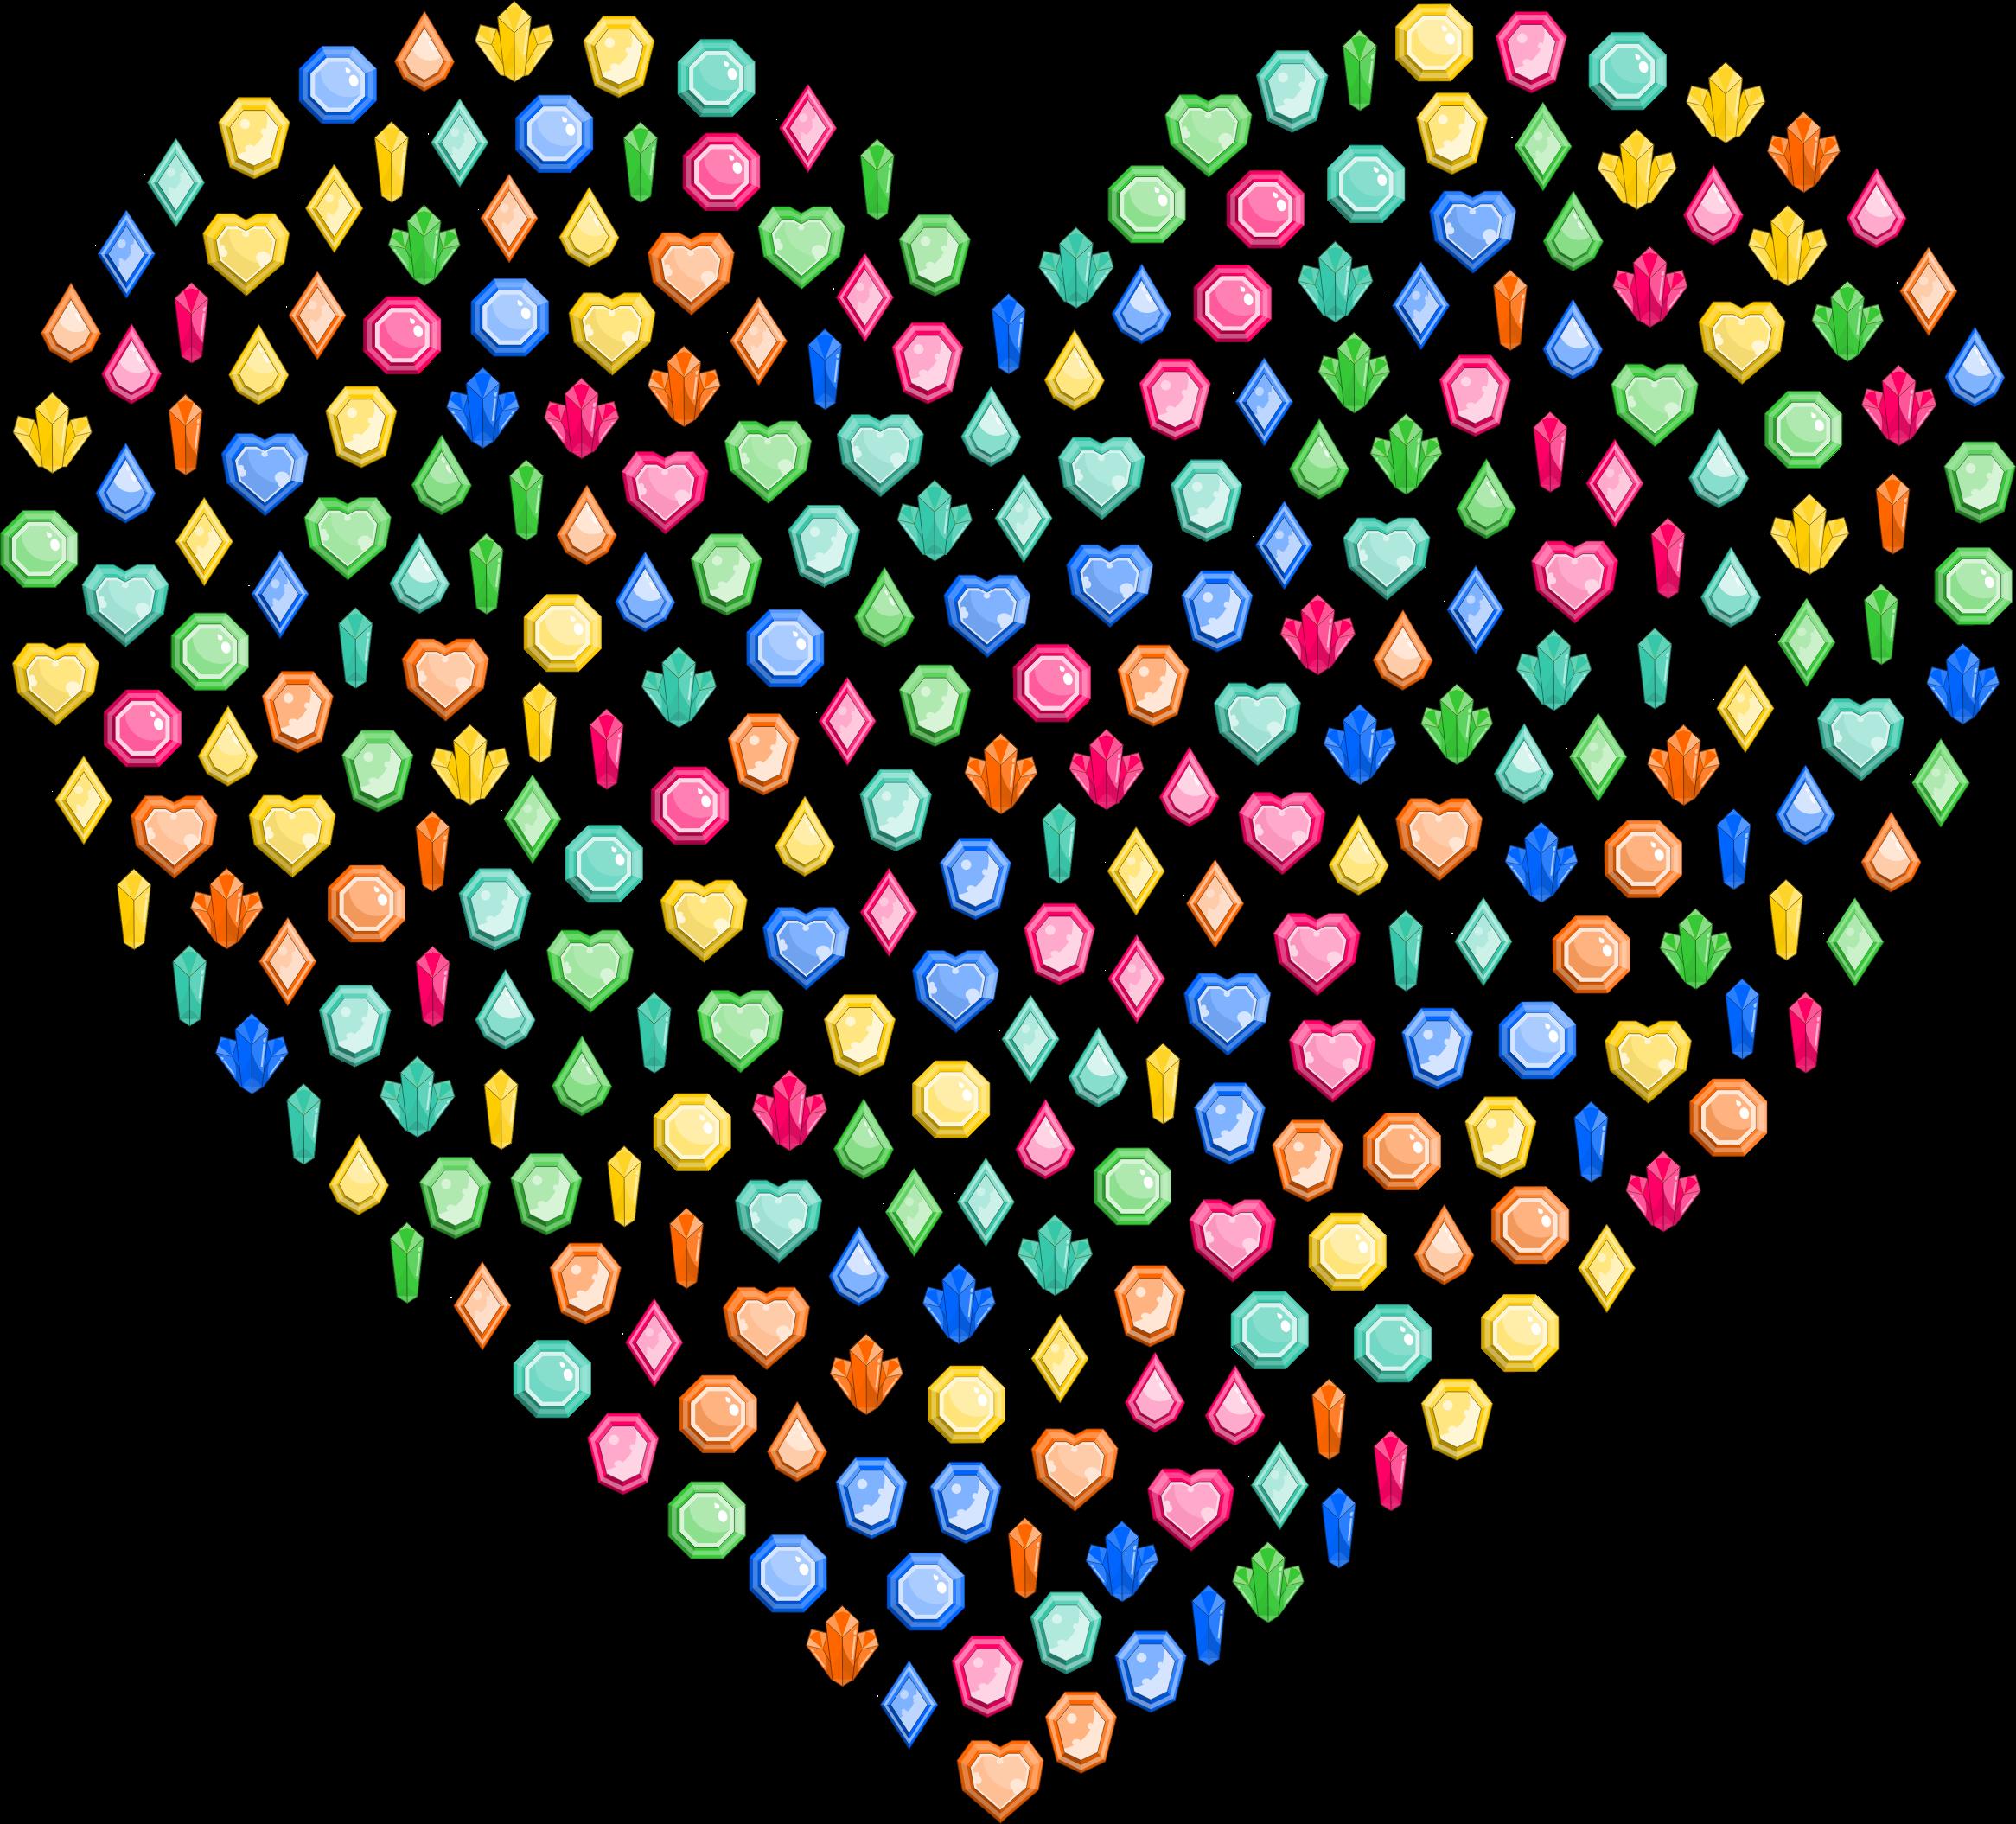 Gem clipart colorful gem. Gems heart big image